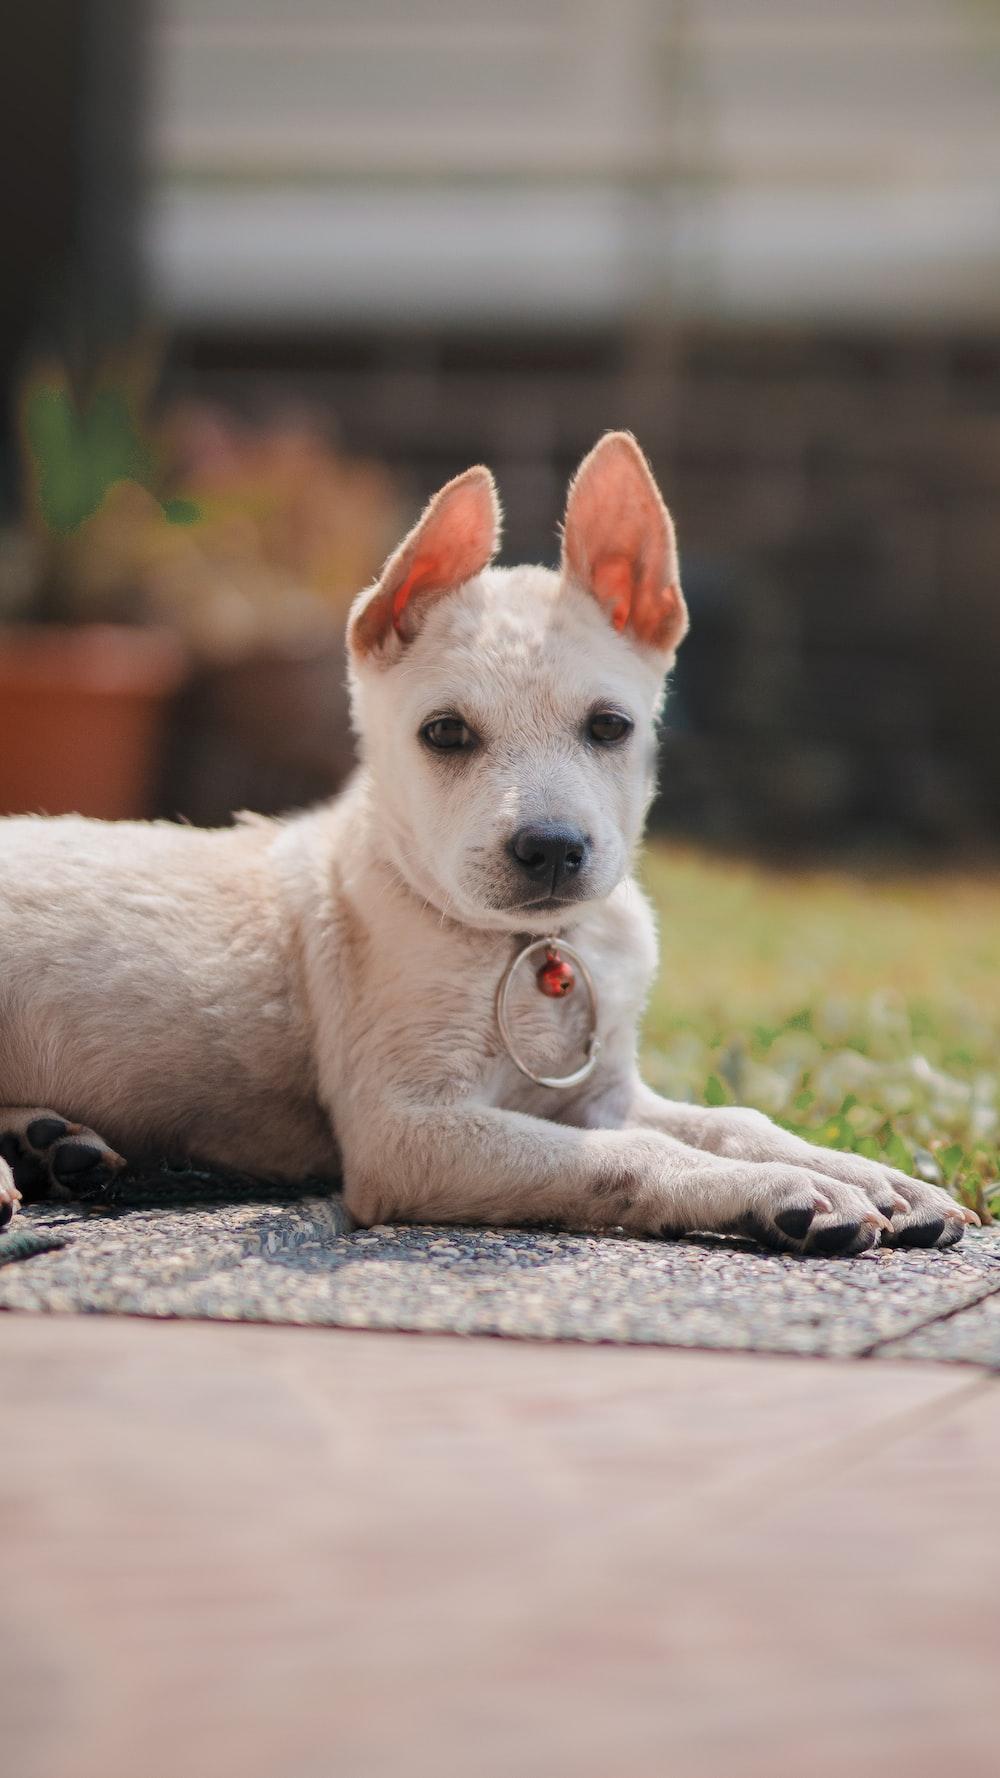 white short coated puppy lying on ground